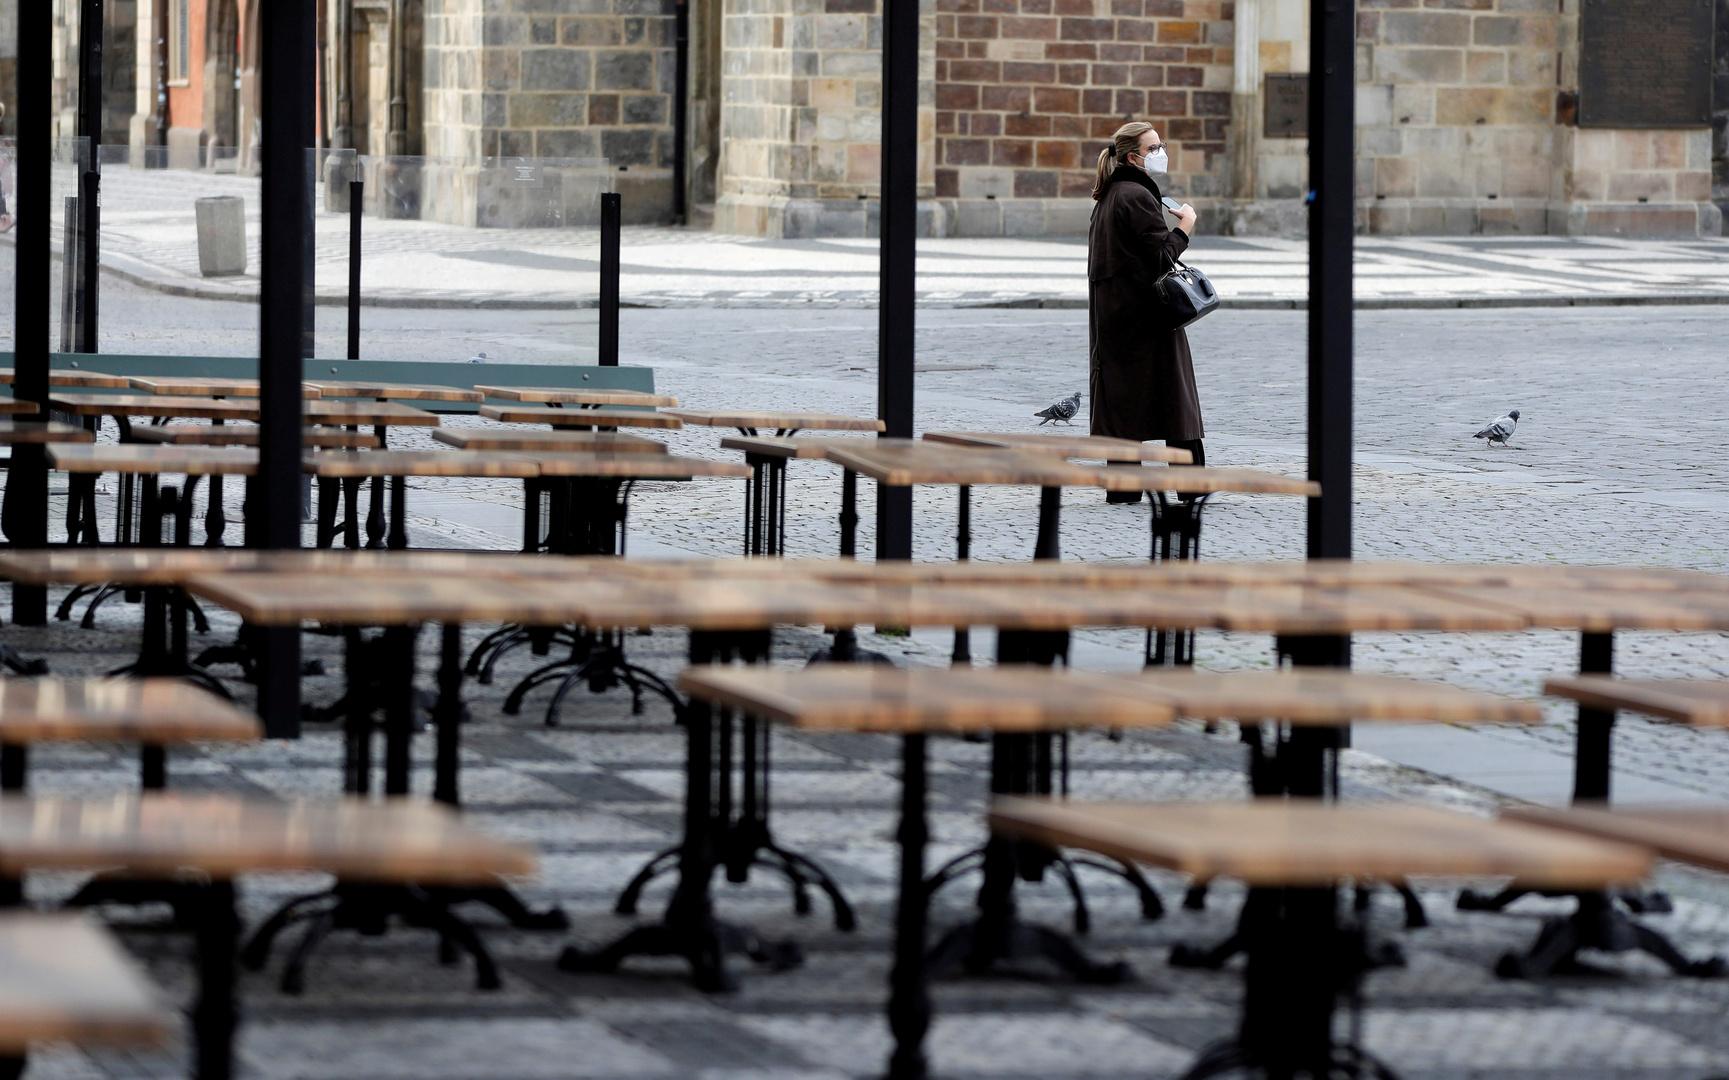 كورونا.. أكثر من 9 آلاف إصابة في هولندا وأكثر من ألفي إصابة في النمسا